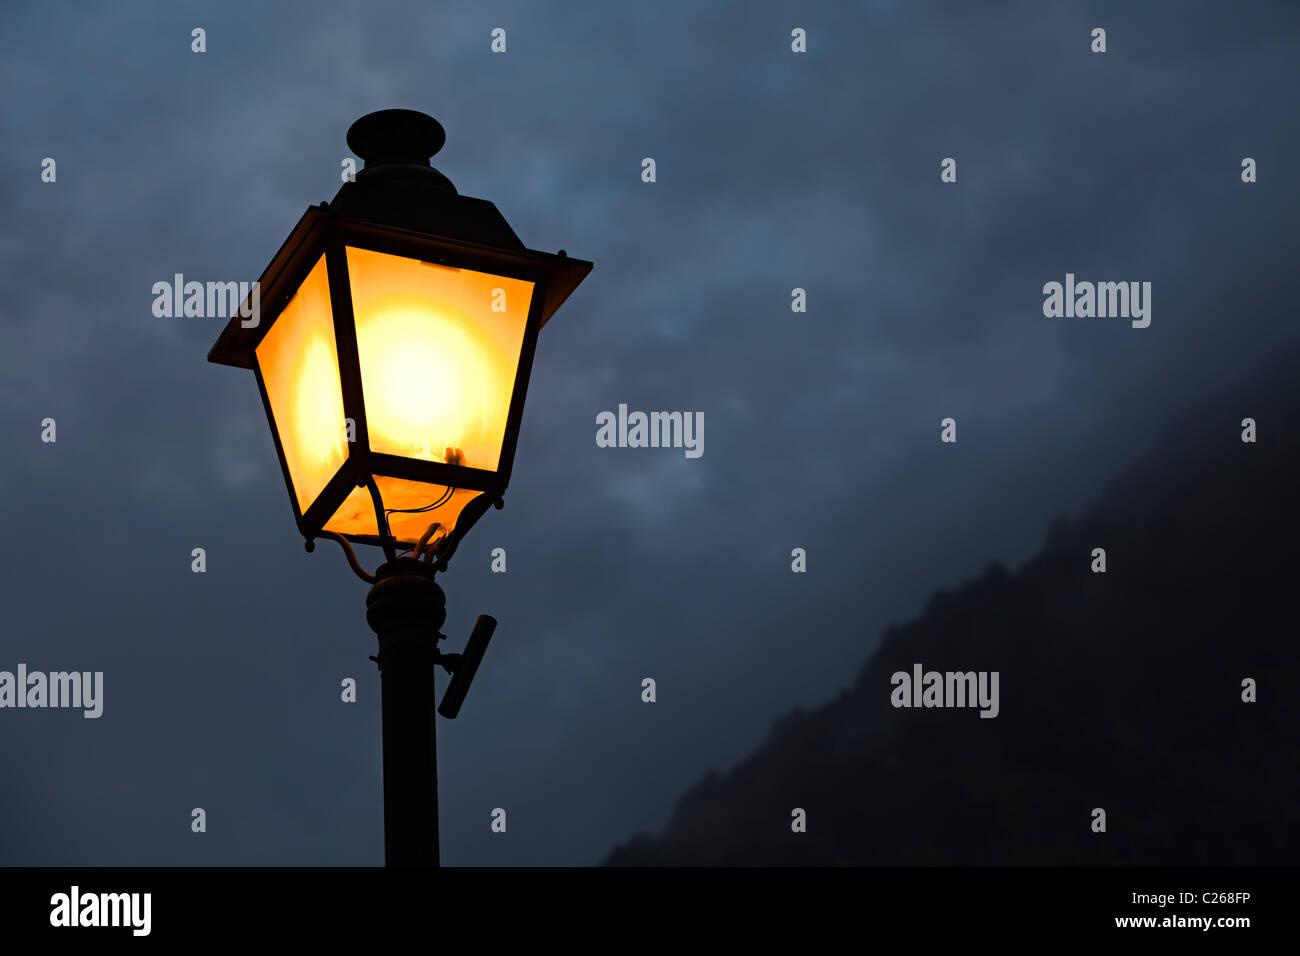 Warmen Schein der Straßenlaterne in einer dunklen Nacht Stockbild